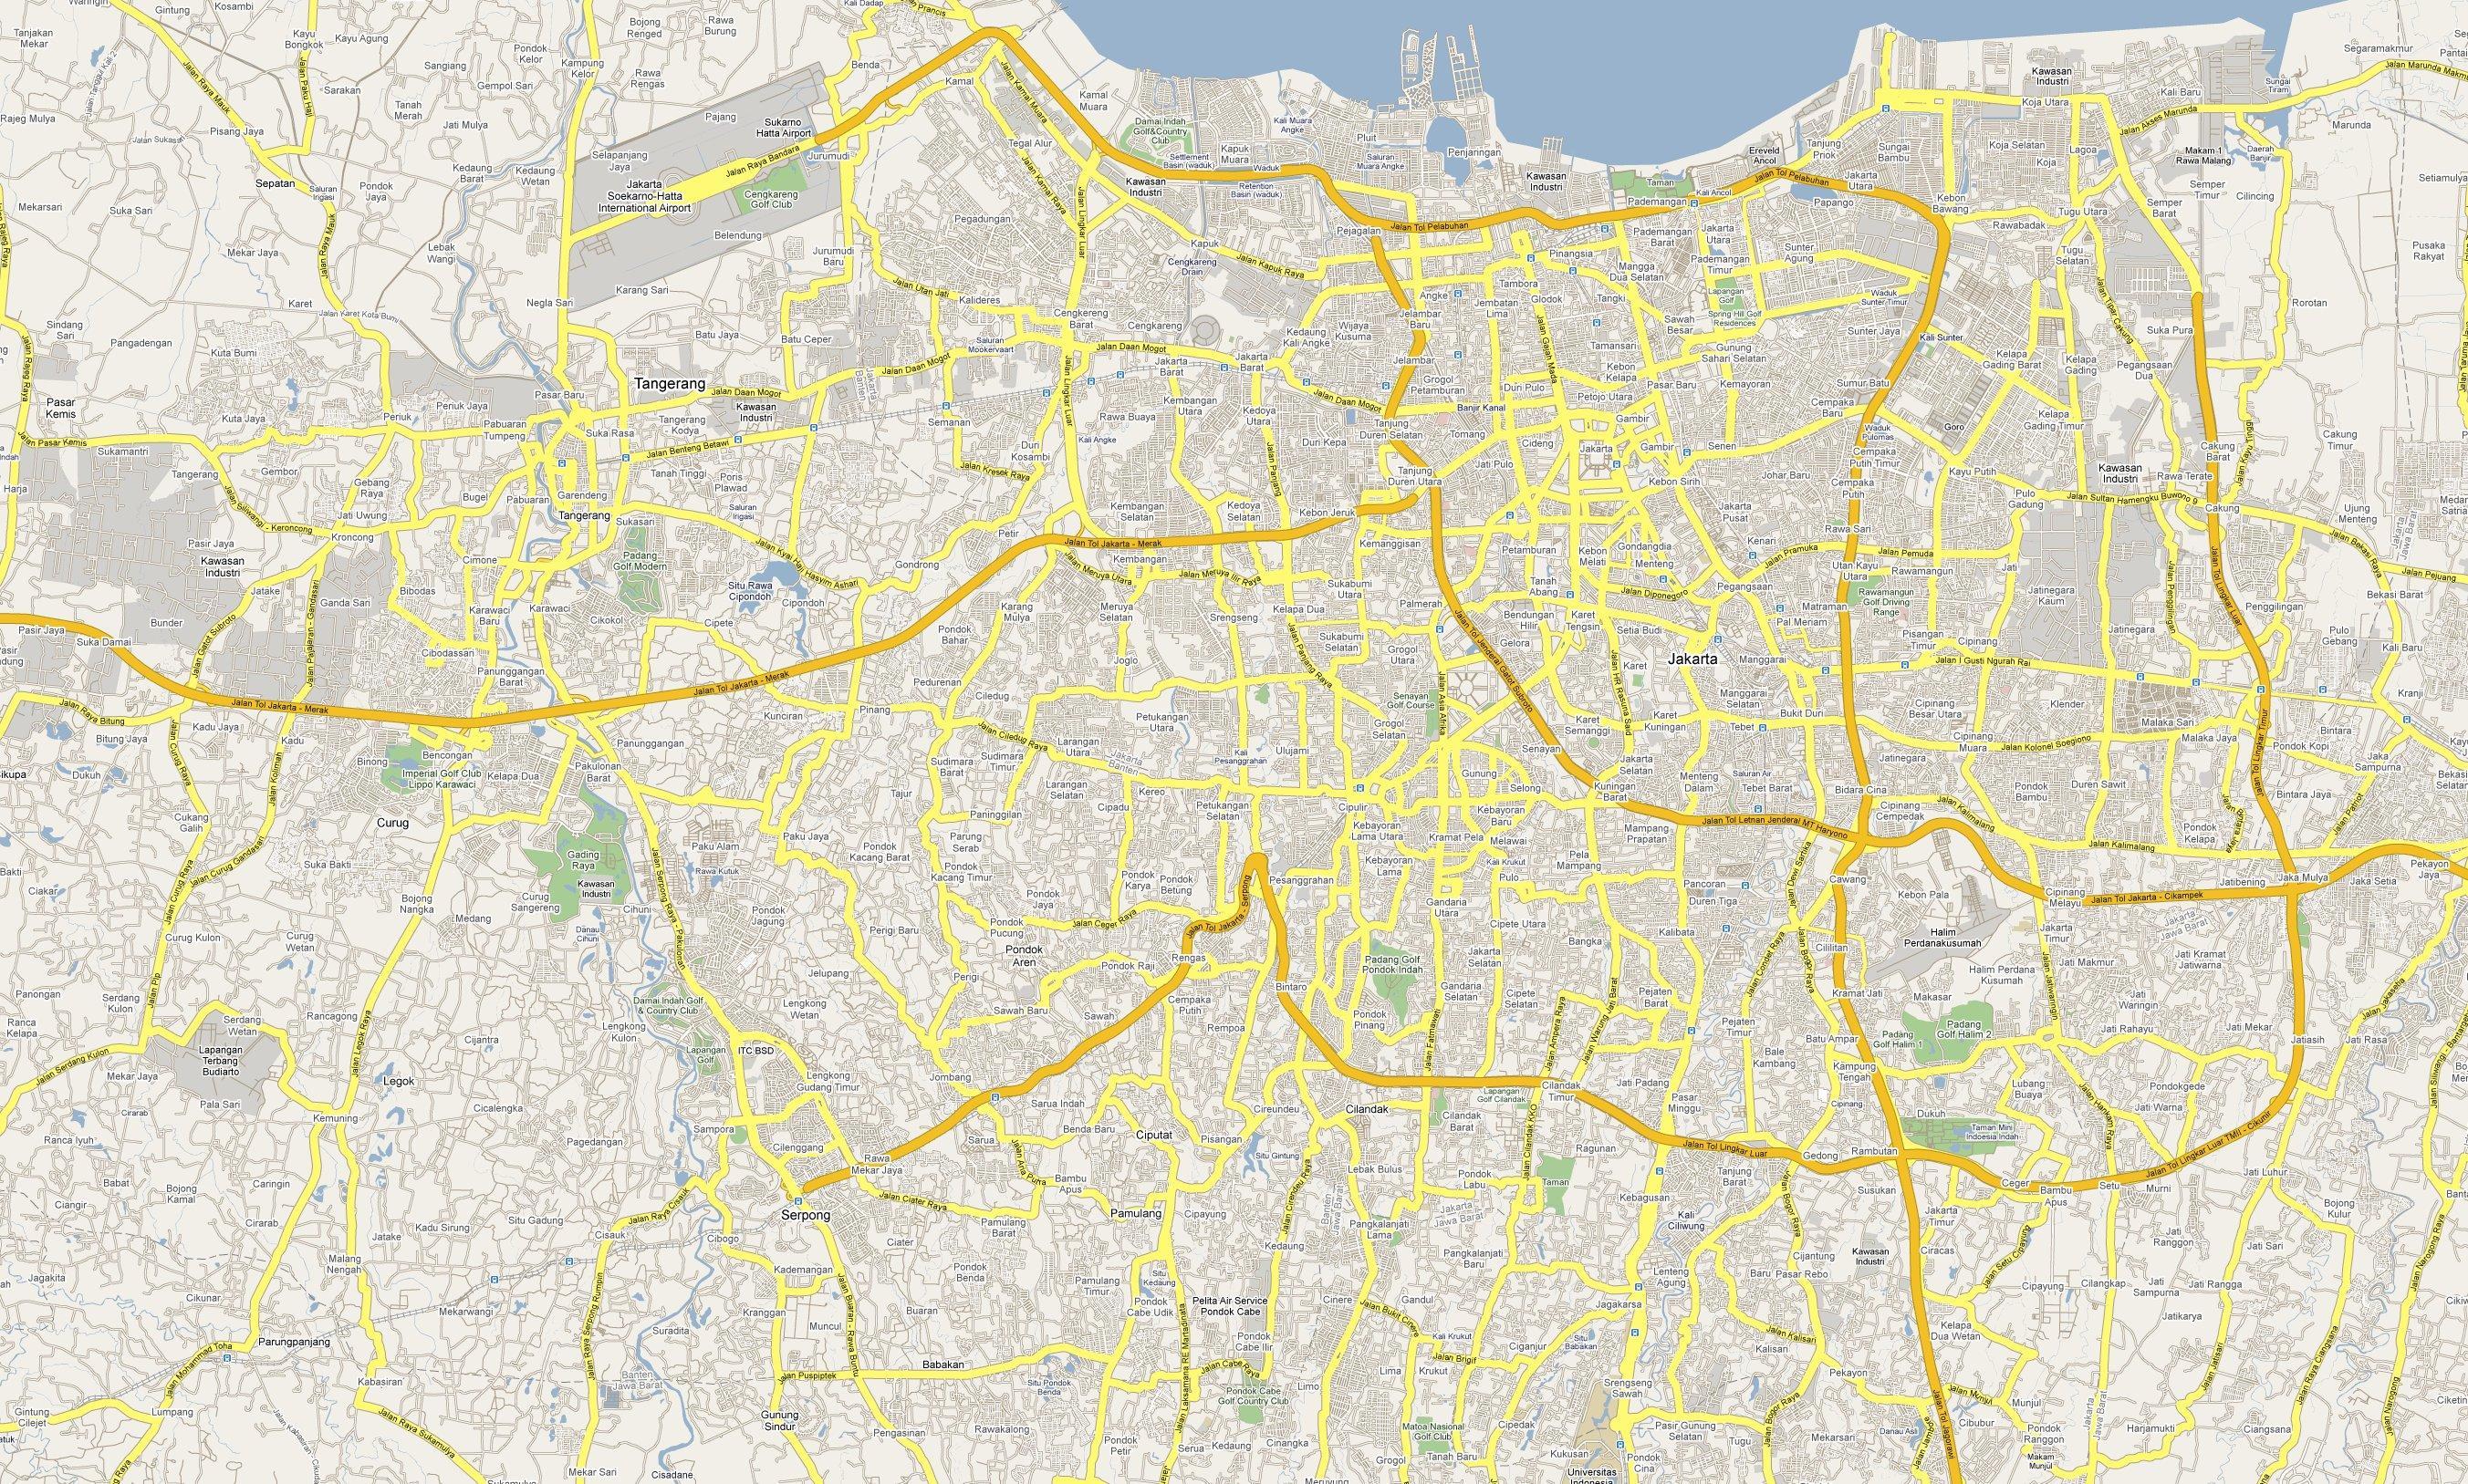 Yakarta Road Map Mapa De Yakarta Carretera Java Indonesia